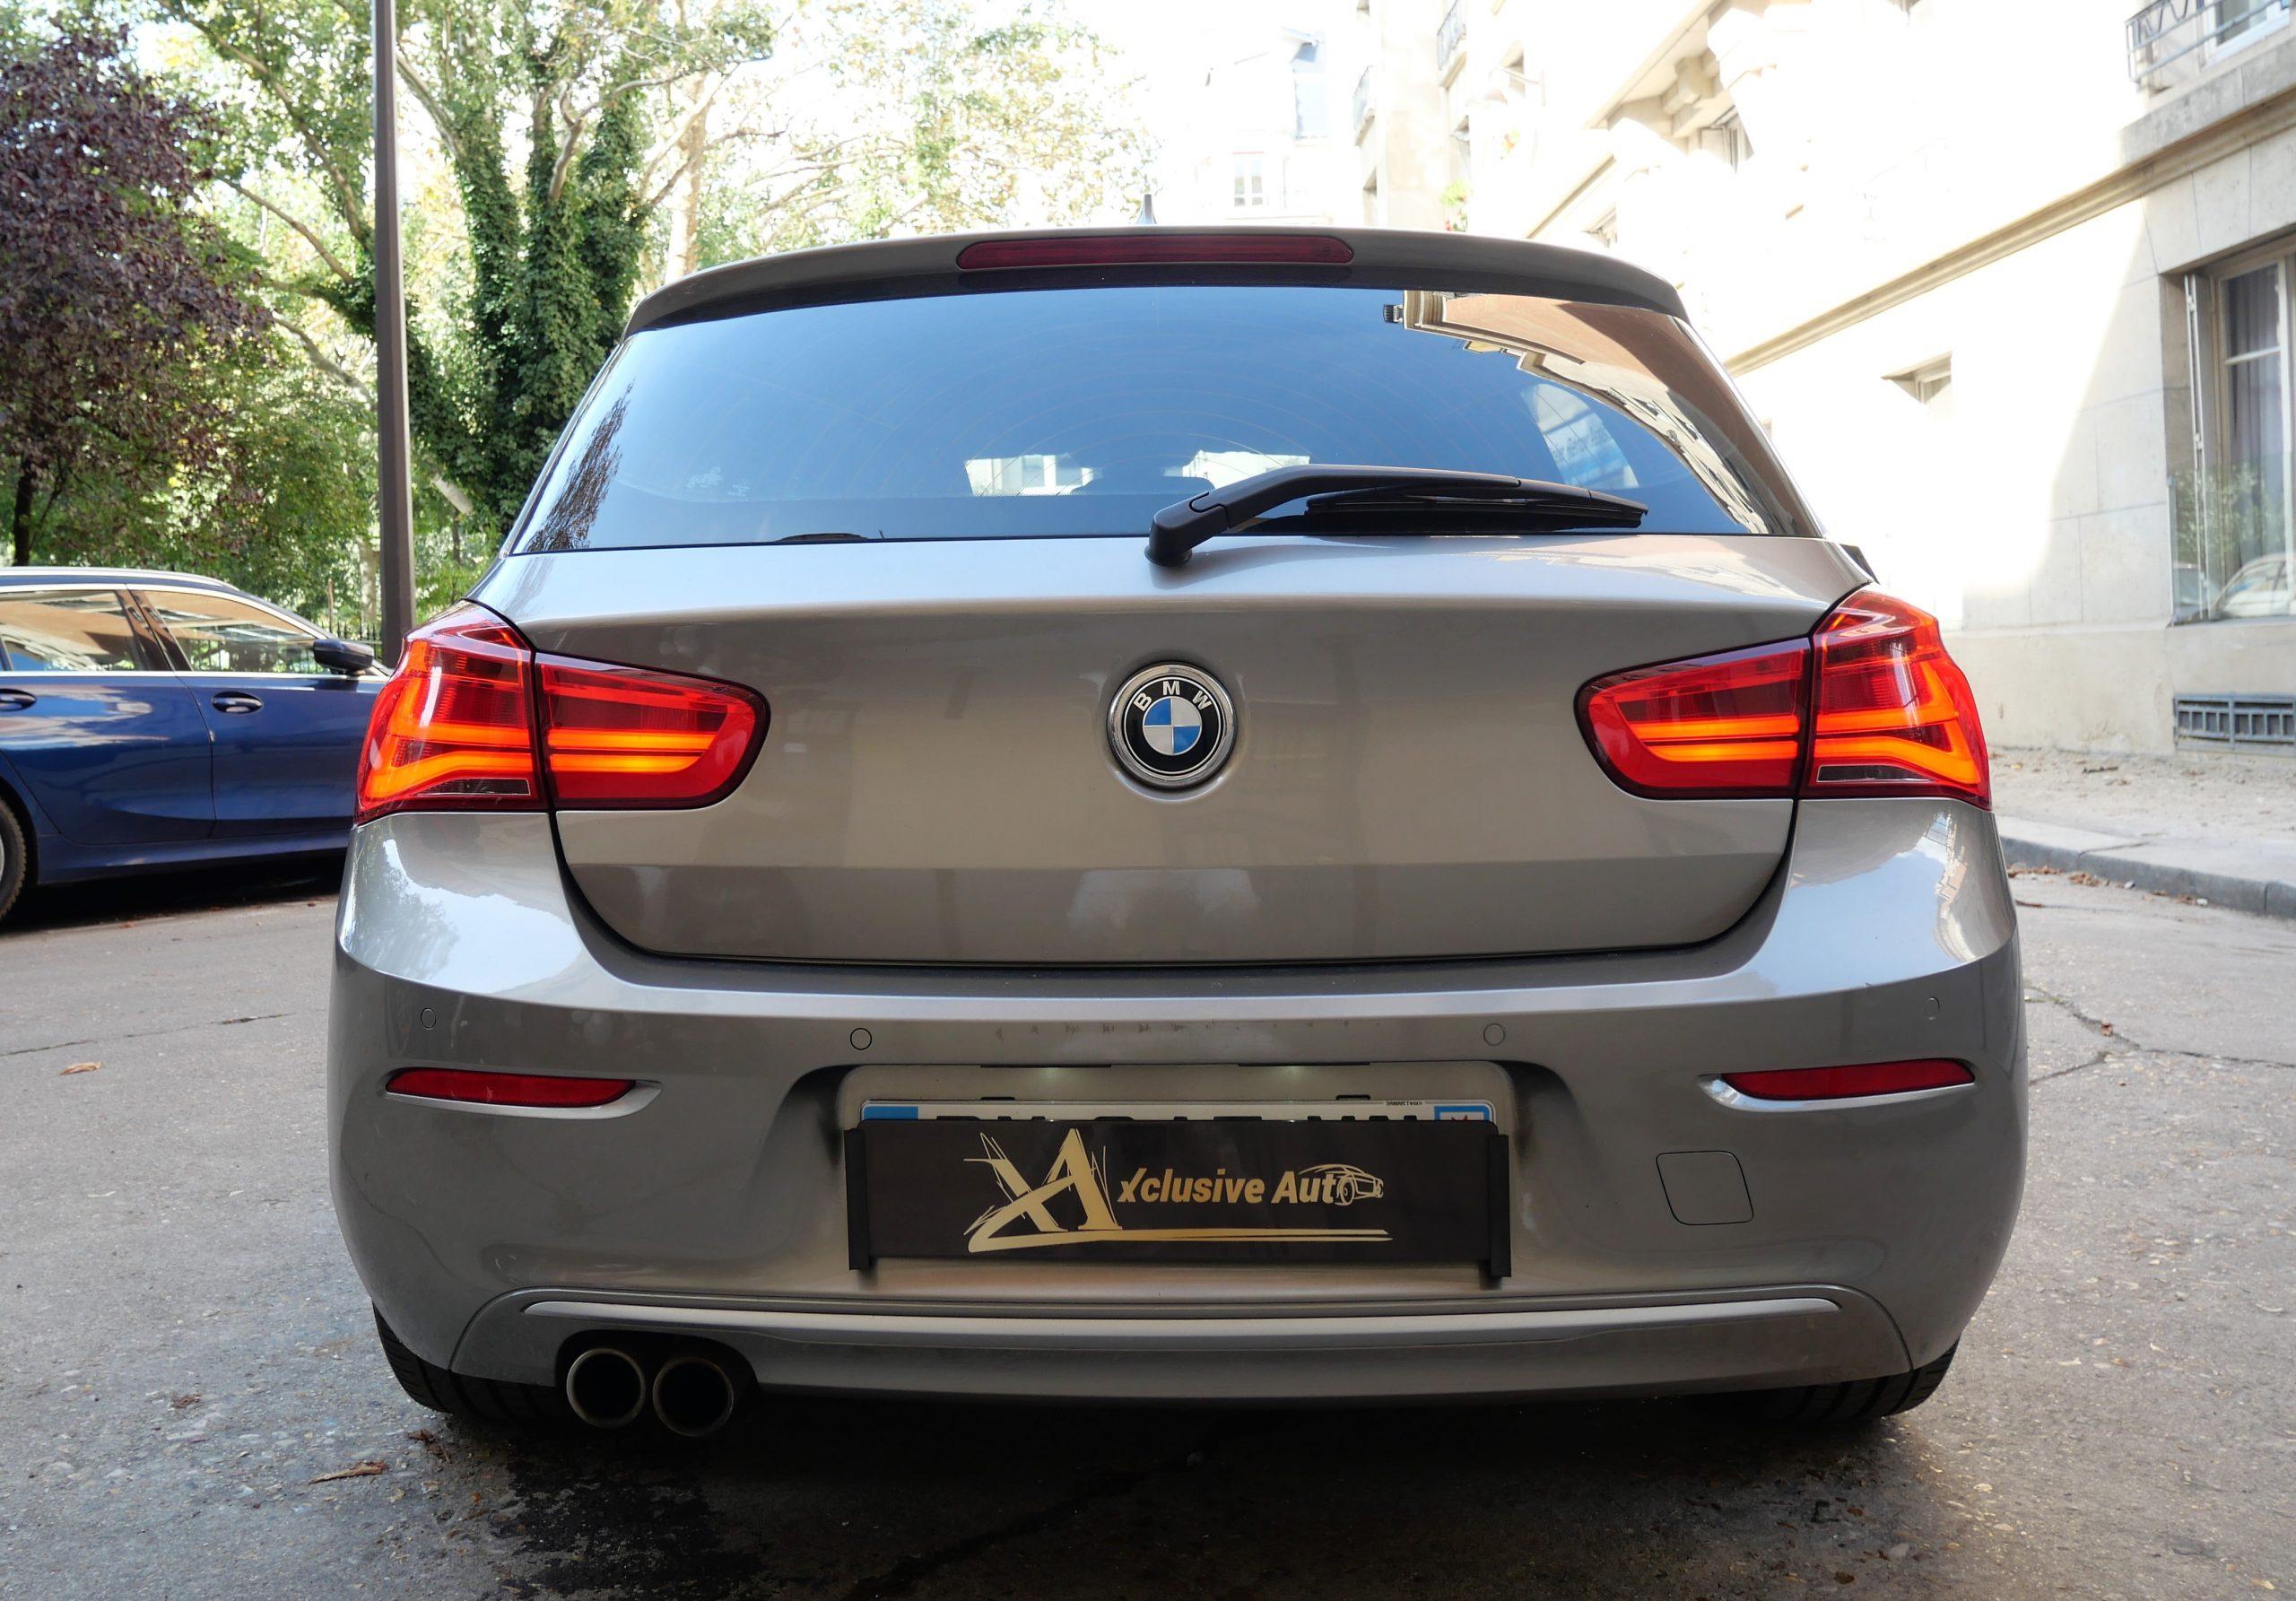 BMW Série 1 (F20) XDrive LCI 120d 2.0 d 190ch 3